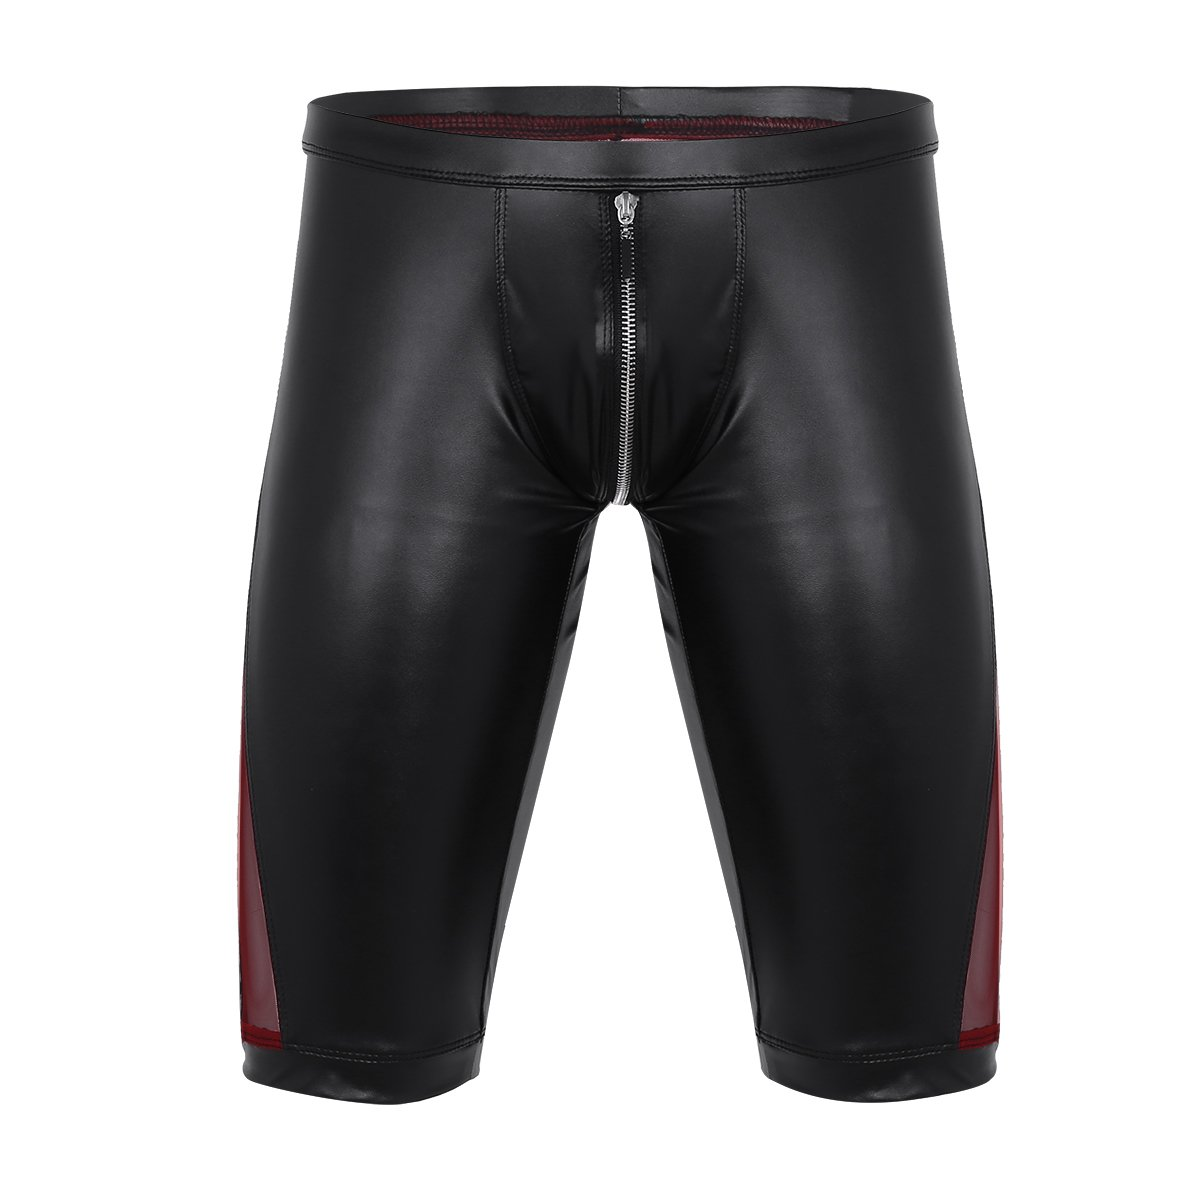 iEFiEL Men Open Pouch Wet Look Lacing Jockstrap Shorts Underpants Zip Legs Underwear